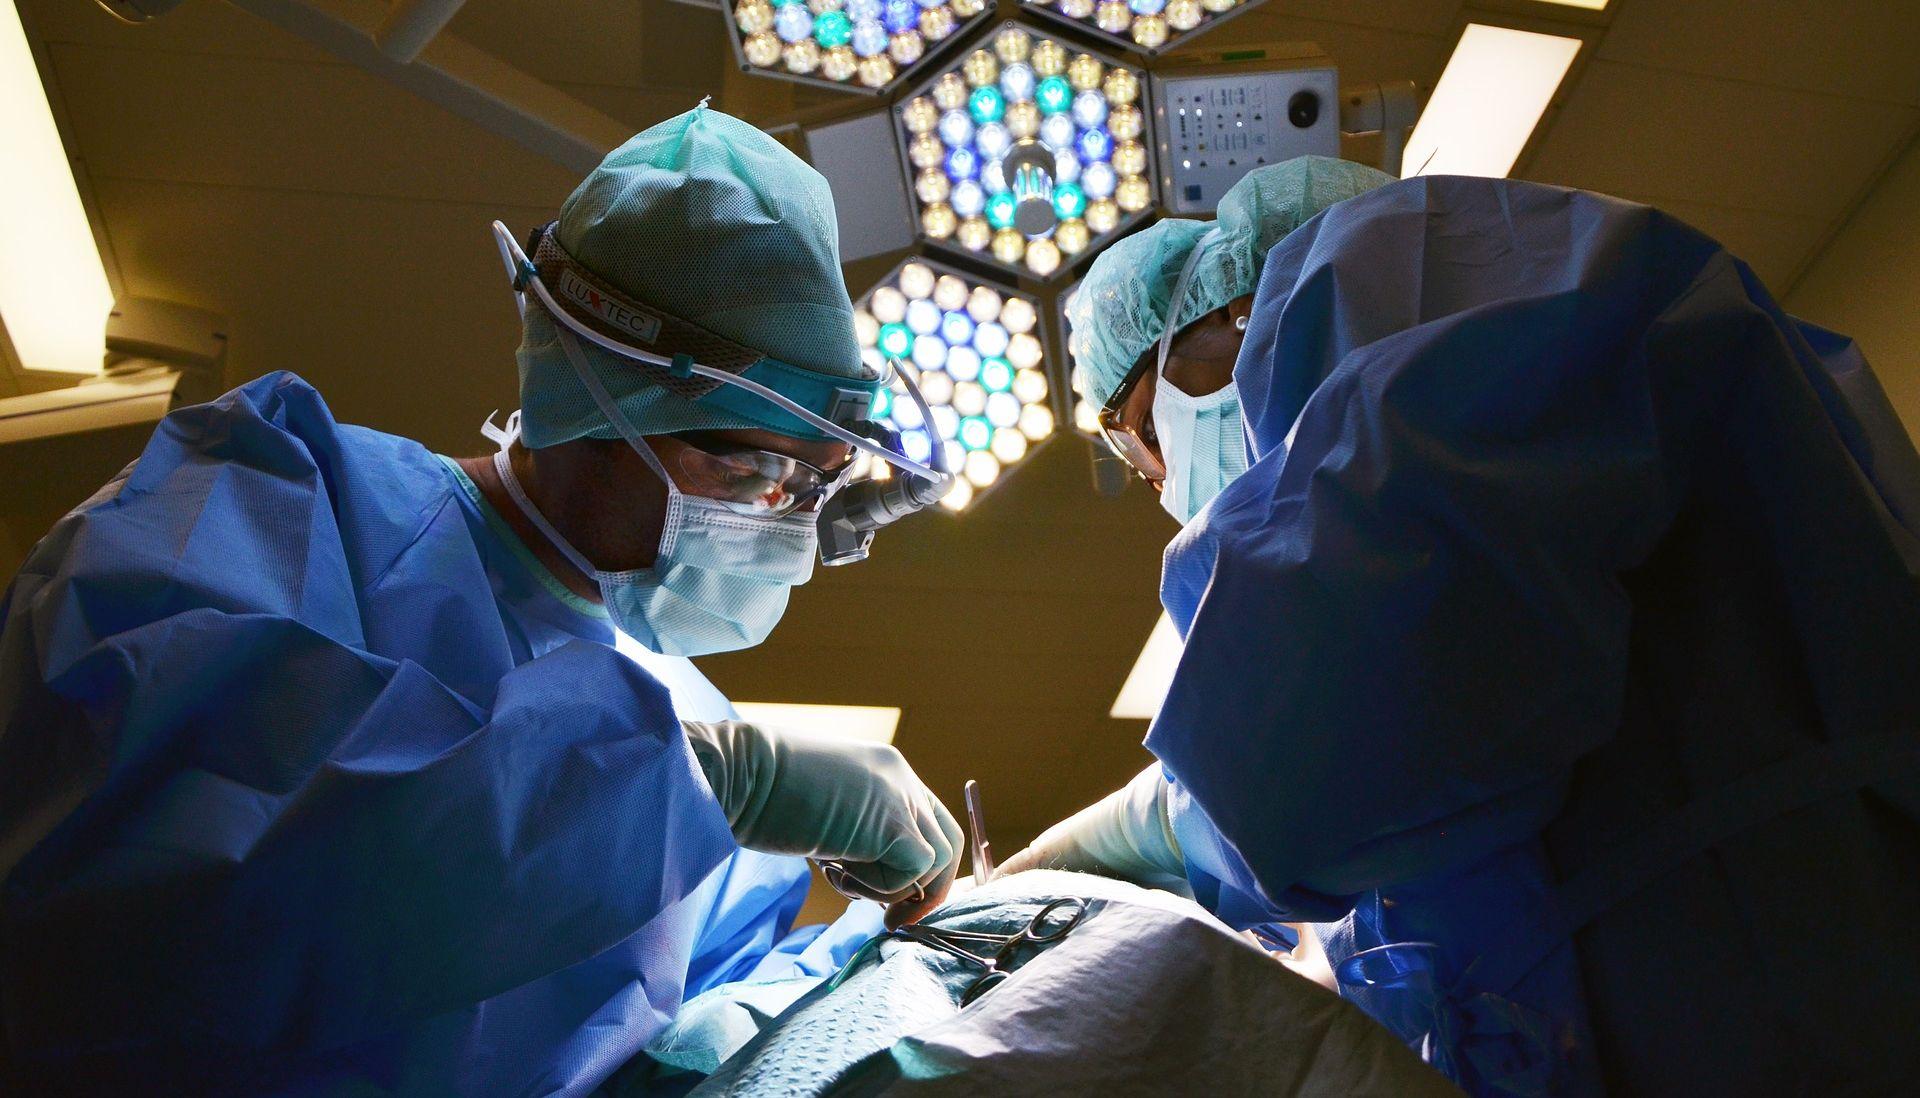 """'KANADIZACIJA ZDRAVSTVA' Sindikati i Udruga pacijenata: """"Ovo nije Kanada nego Hrvatska"""""""